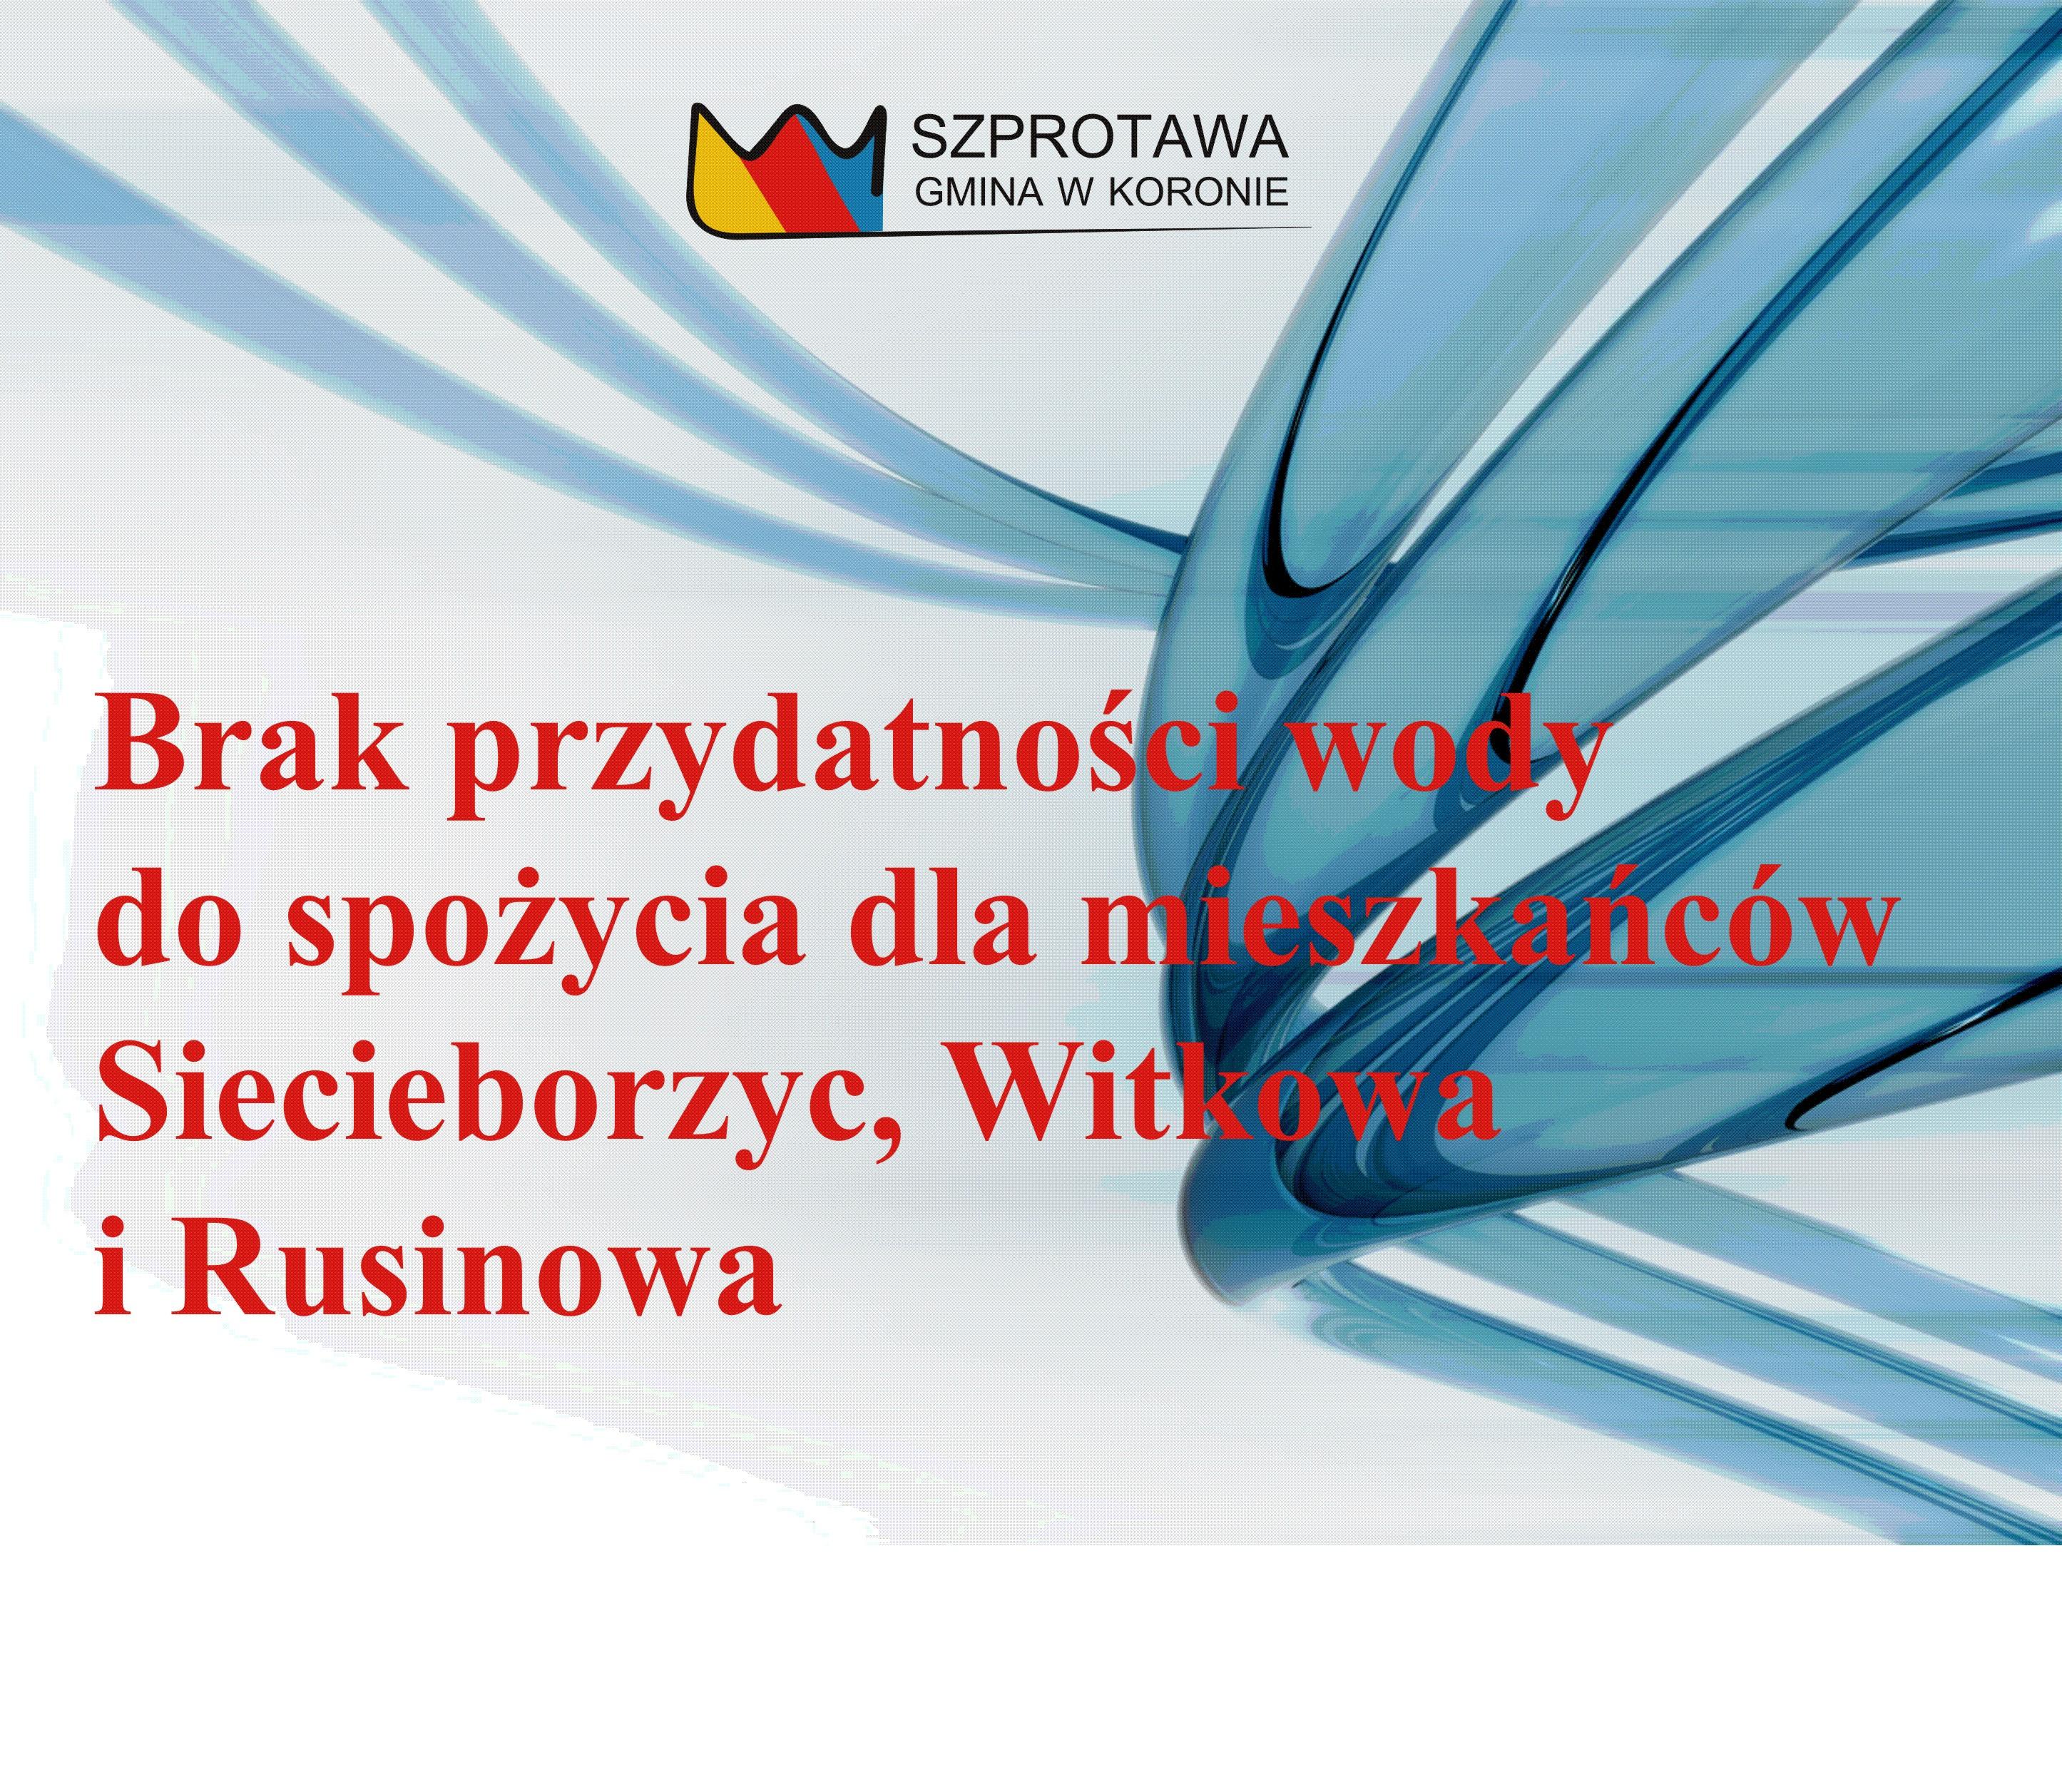 Ilustracja do informacji: Brak przydatności wody do spożycia dla mieszkańców Siecieborzyc, Witkowa i Rusinowa